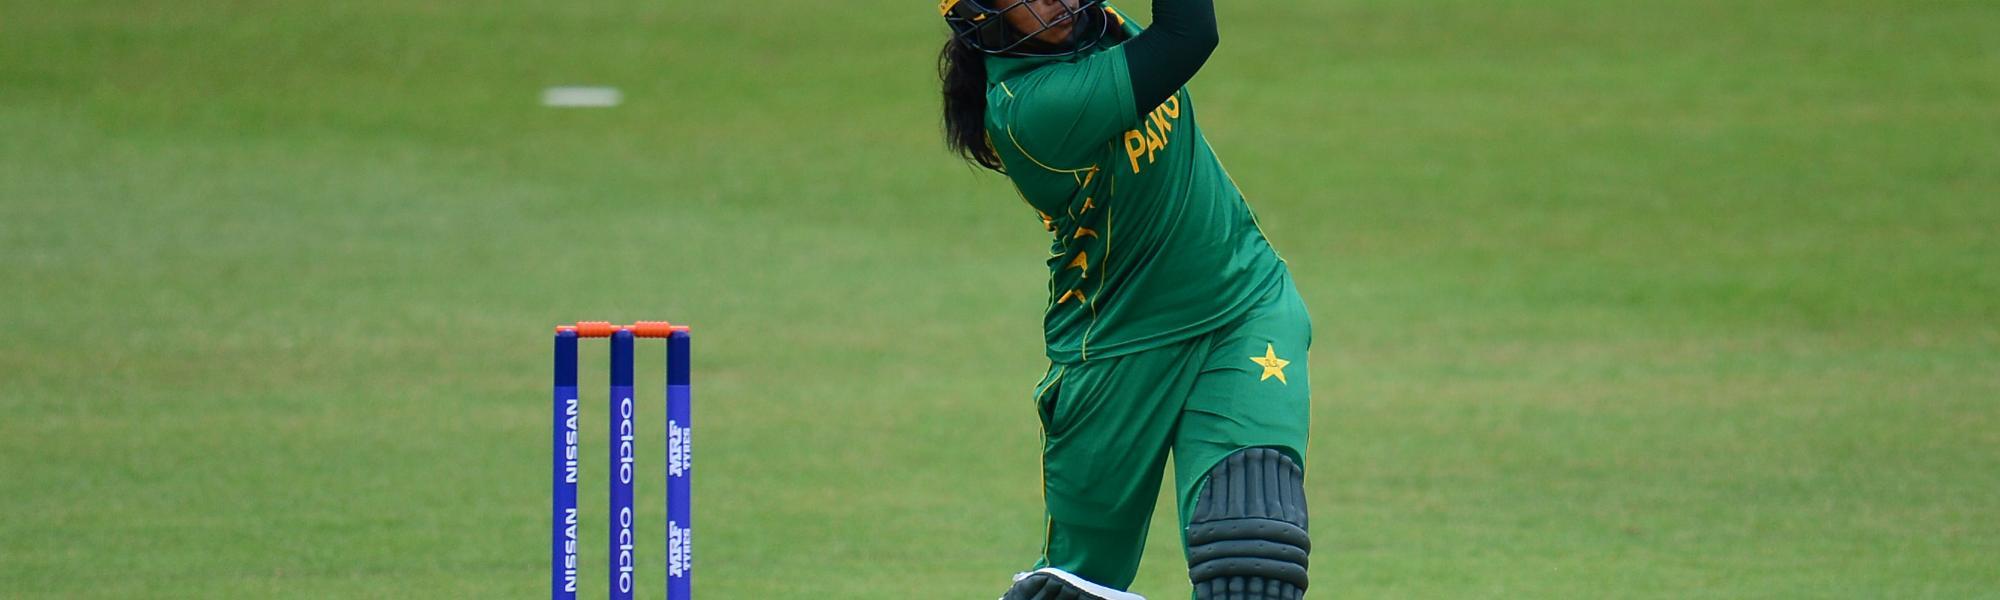 Ayesha Zafar